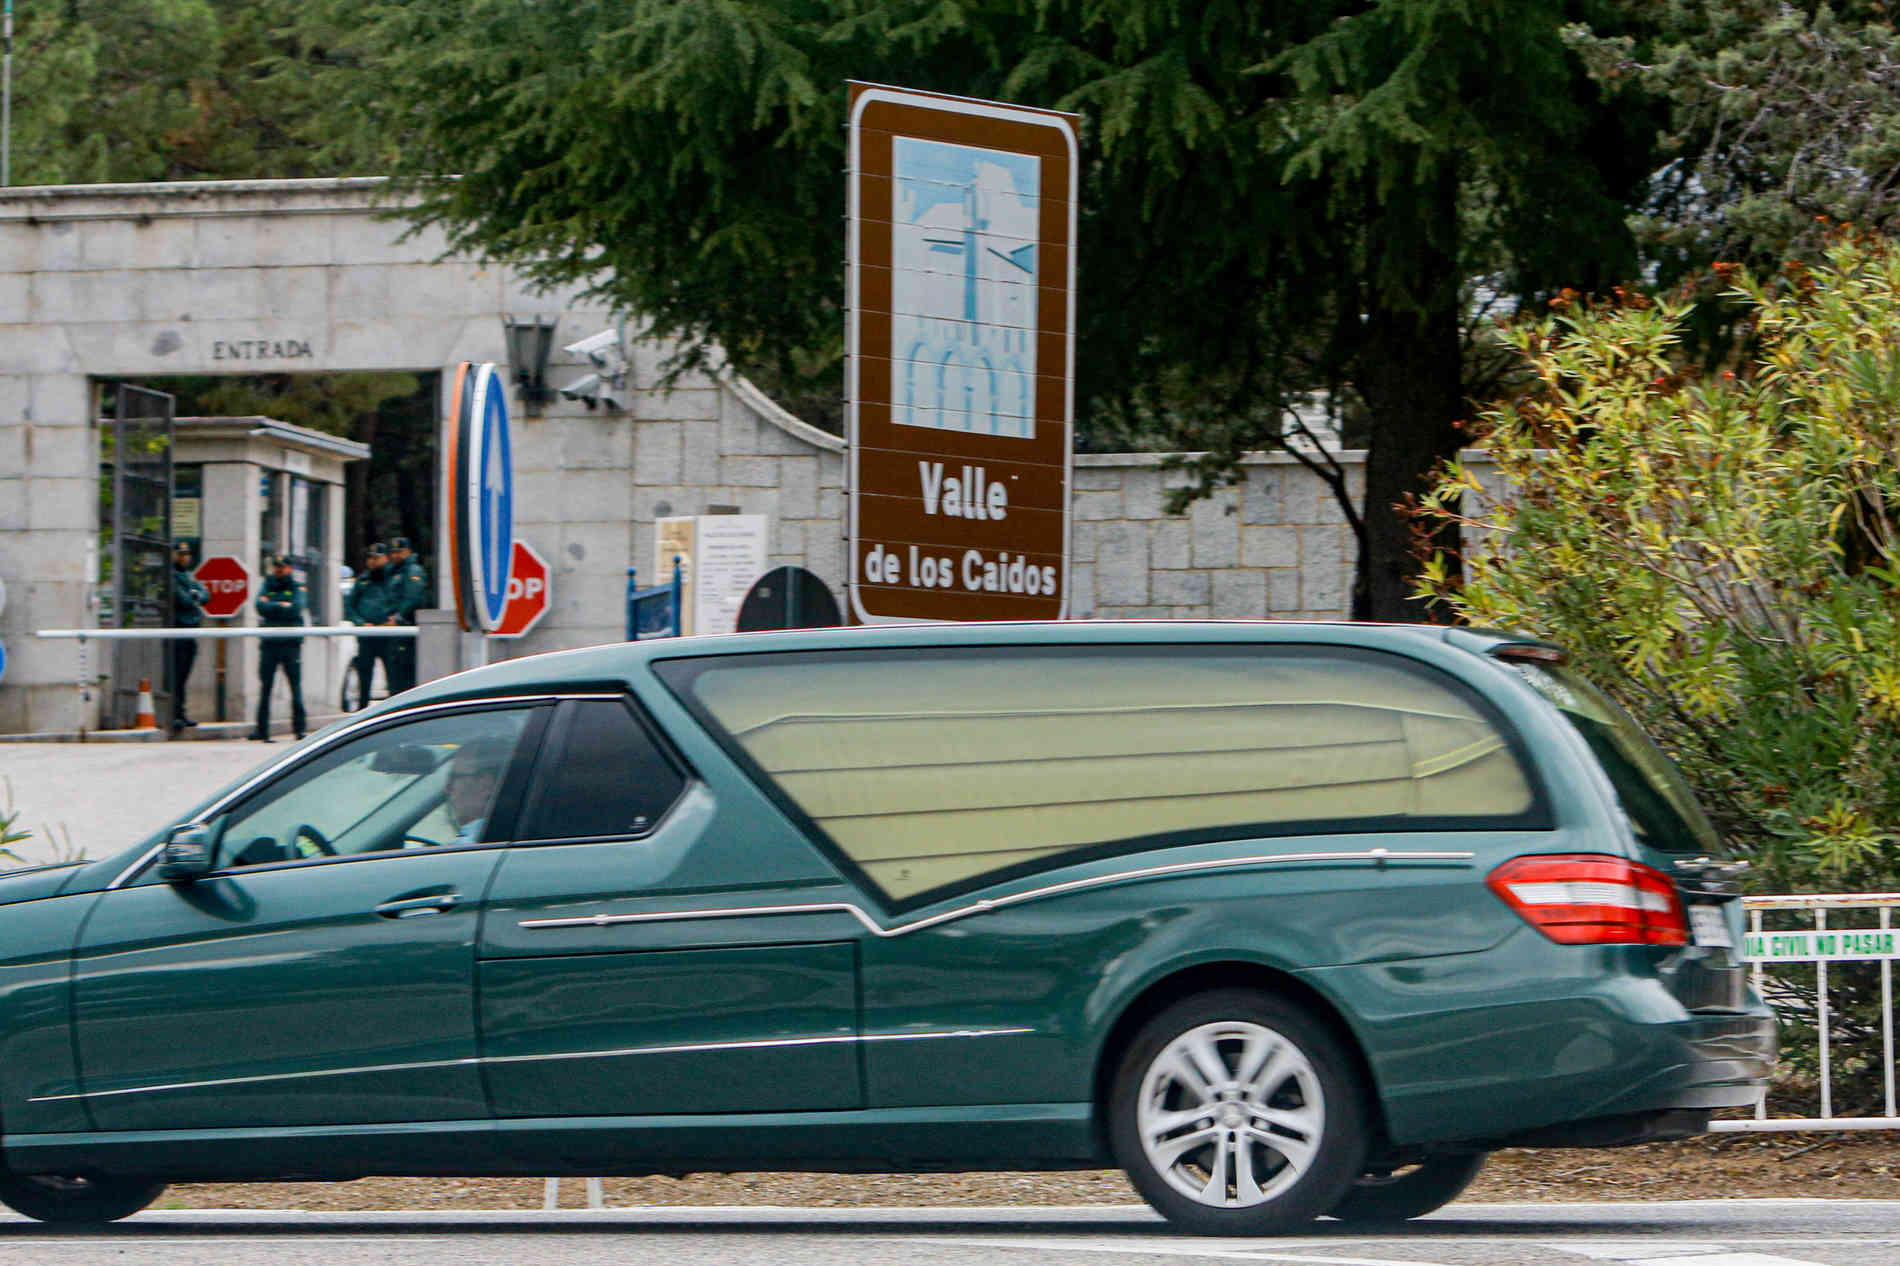 Umstrittene Umbettung: Neues Grab für Spaniens Diktator Franco